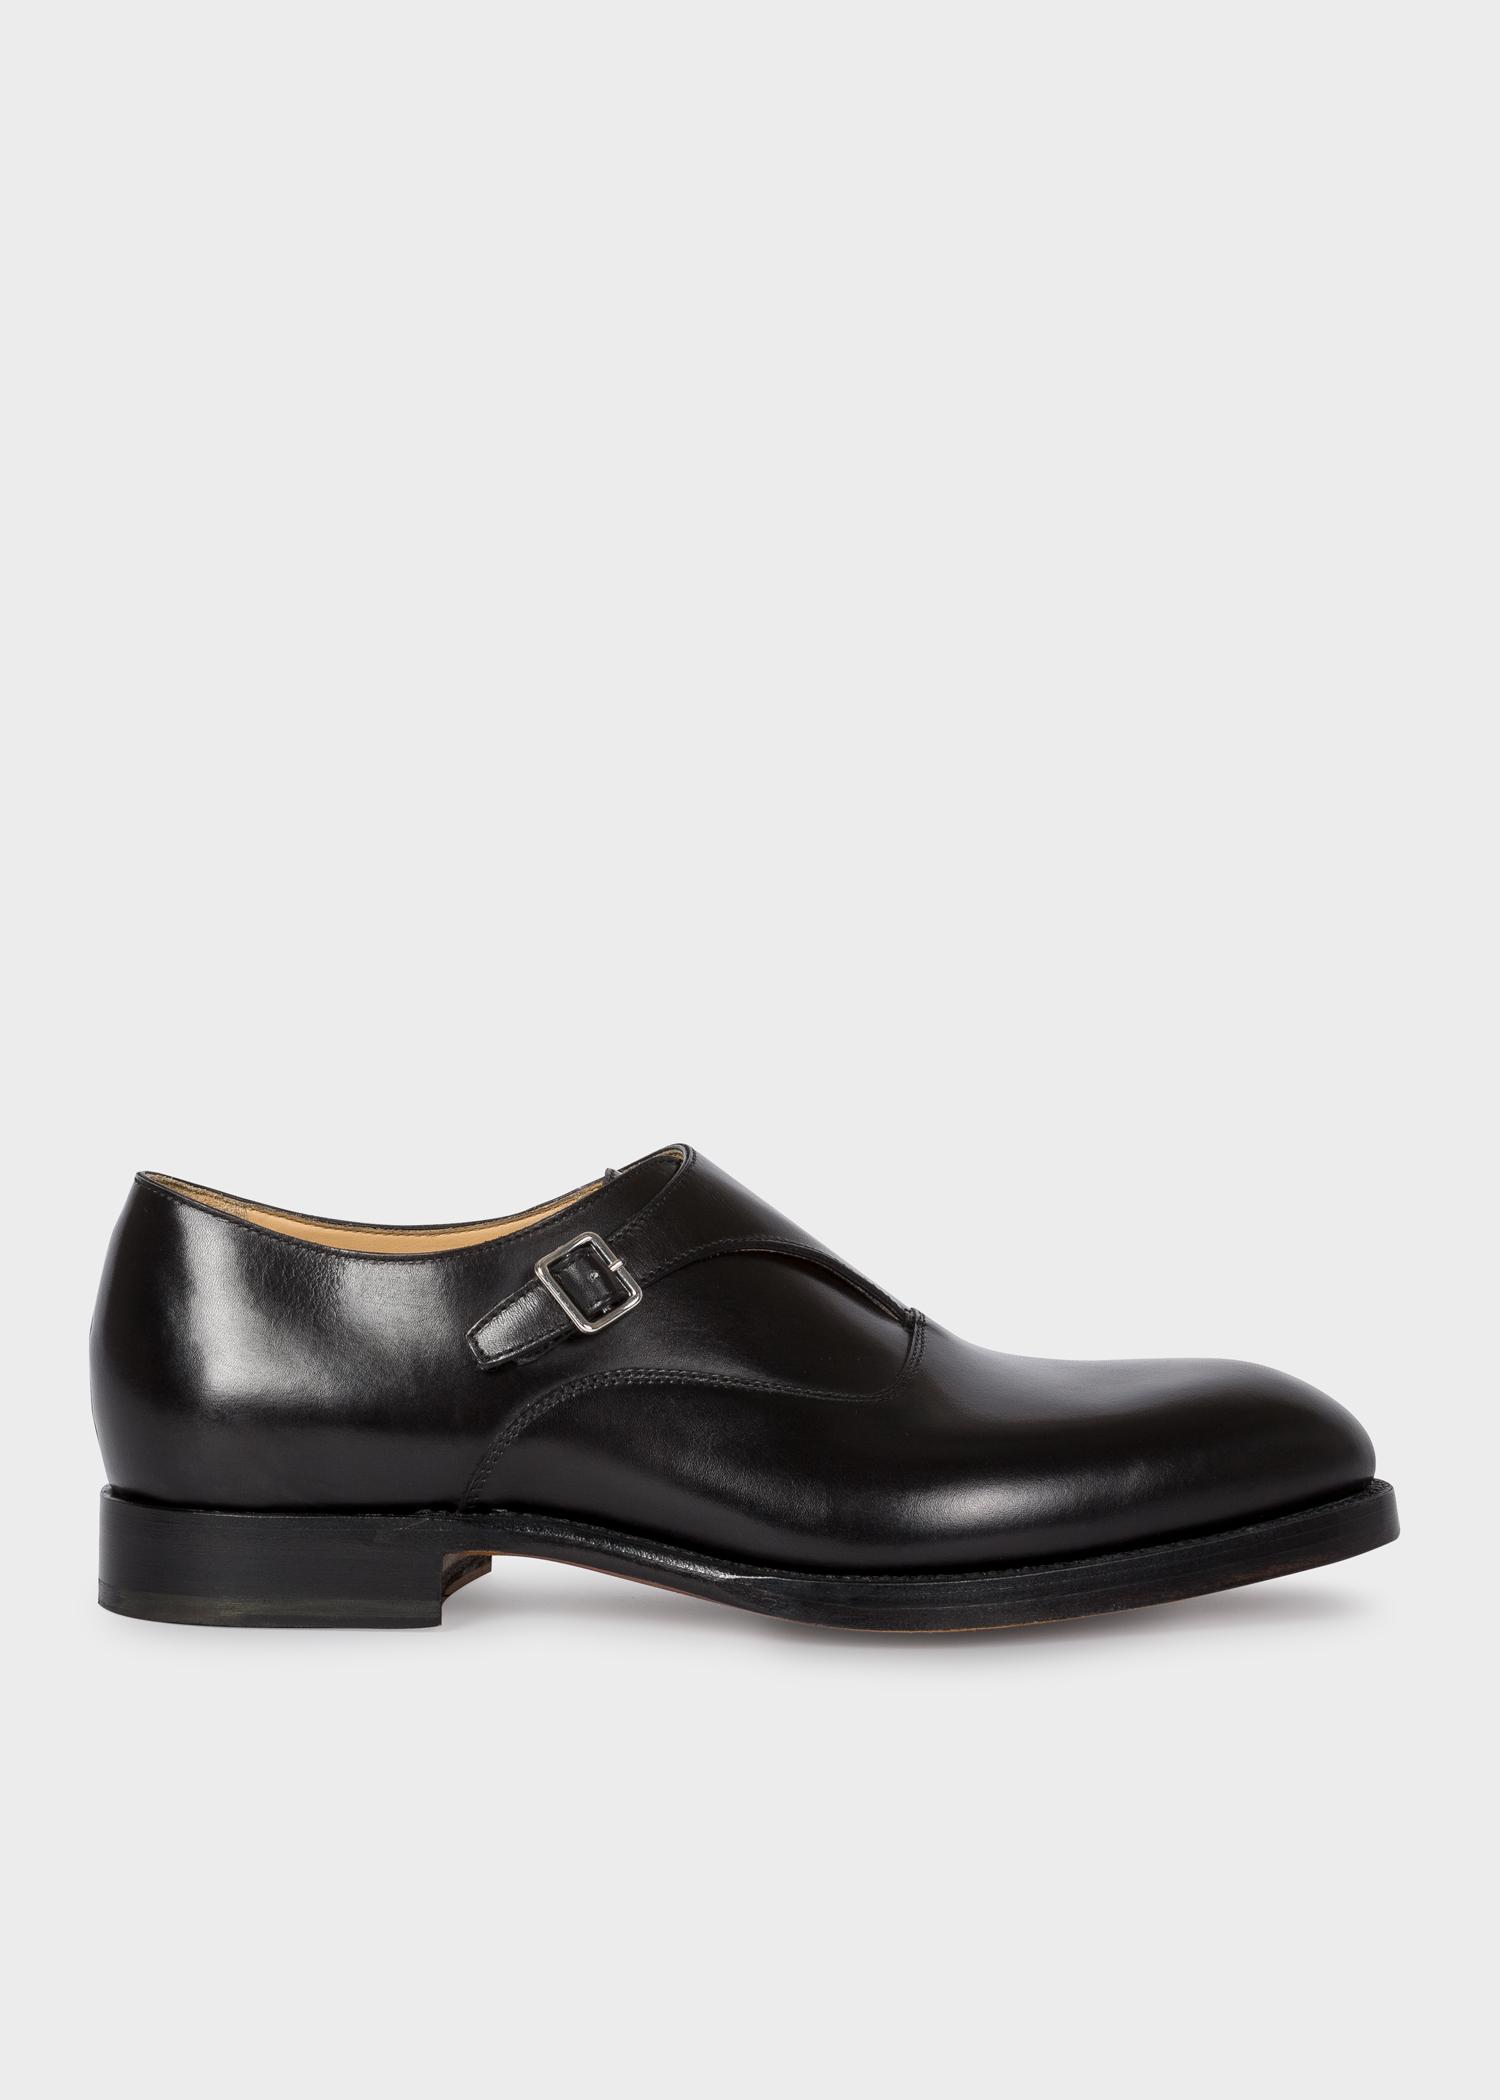 Chaussures En De Boucle Veau Noires 'rigby' Paul Homme À Cuir ul3TKF1Jc